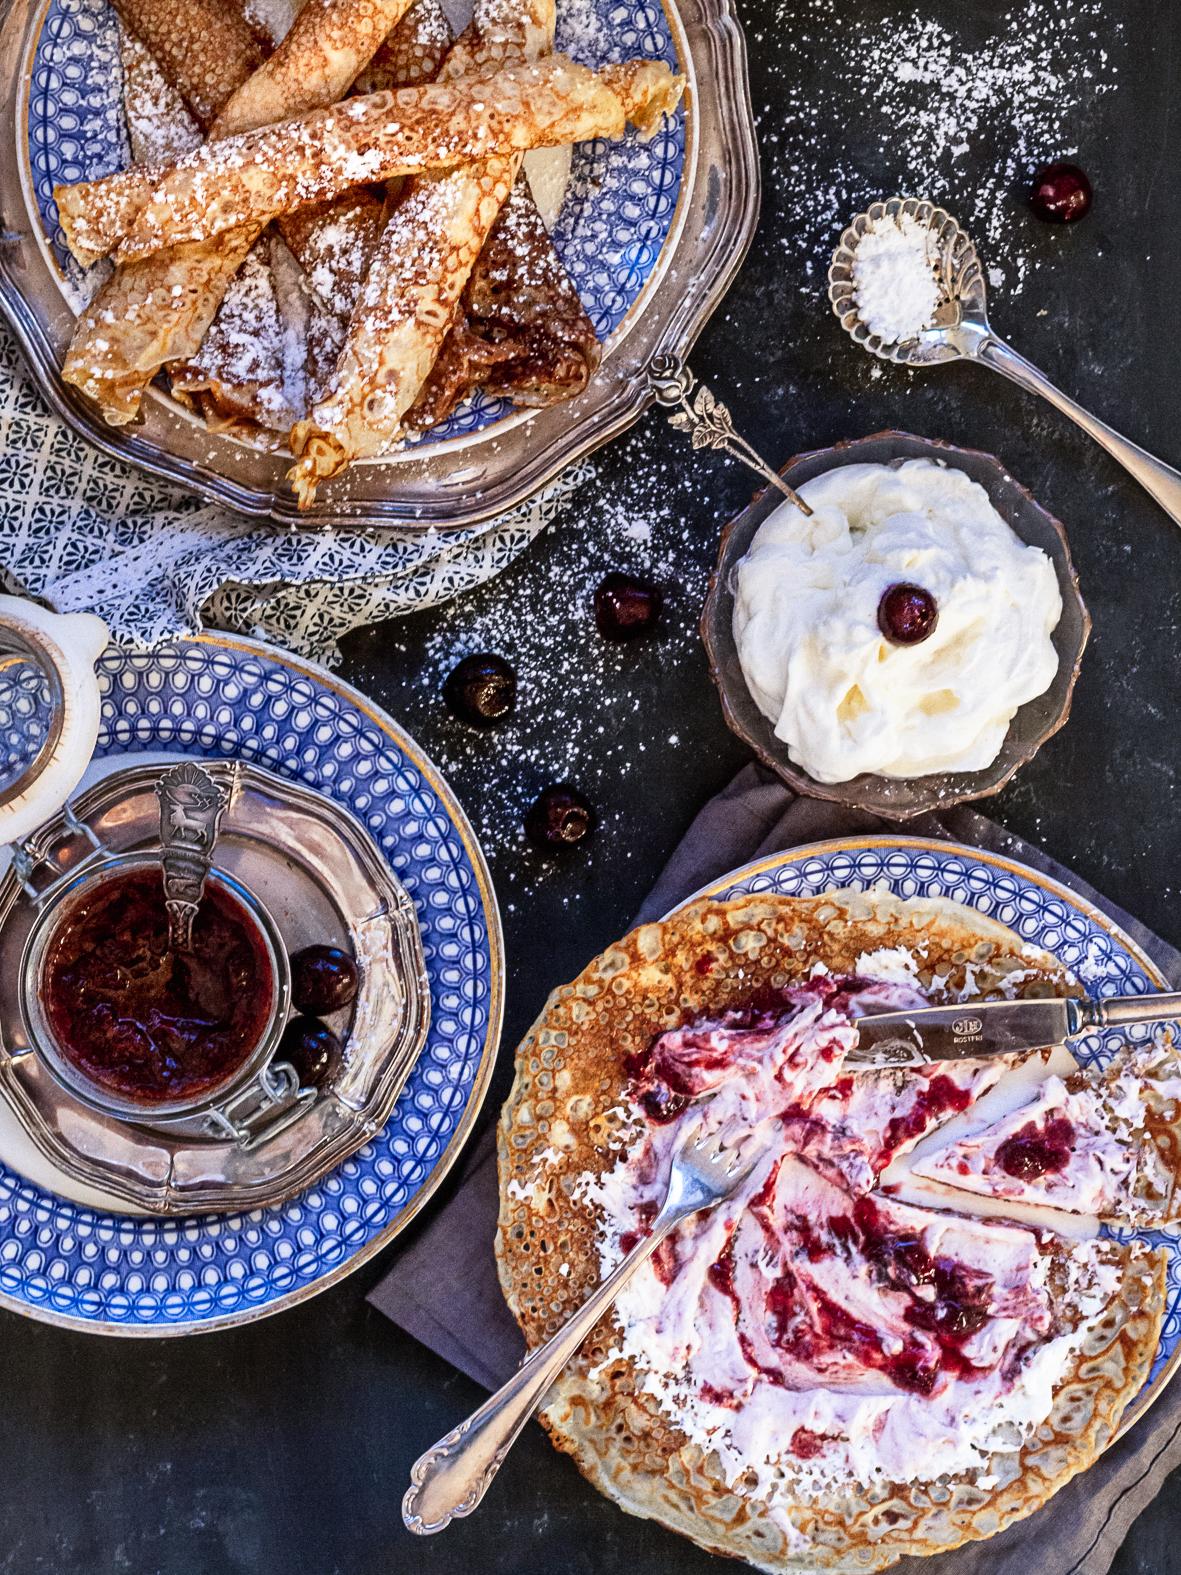 Läcker körsbärssylt tillsammans med nygräddade pannkakor. Raw cherry jam with fresh pancakes.